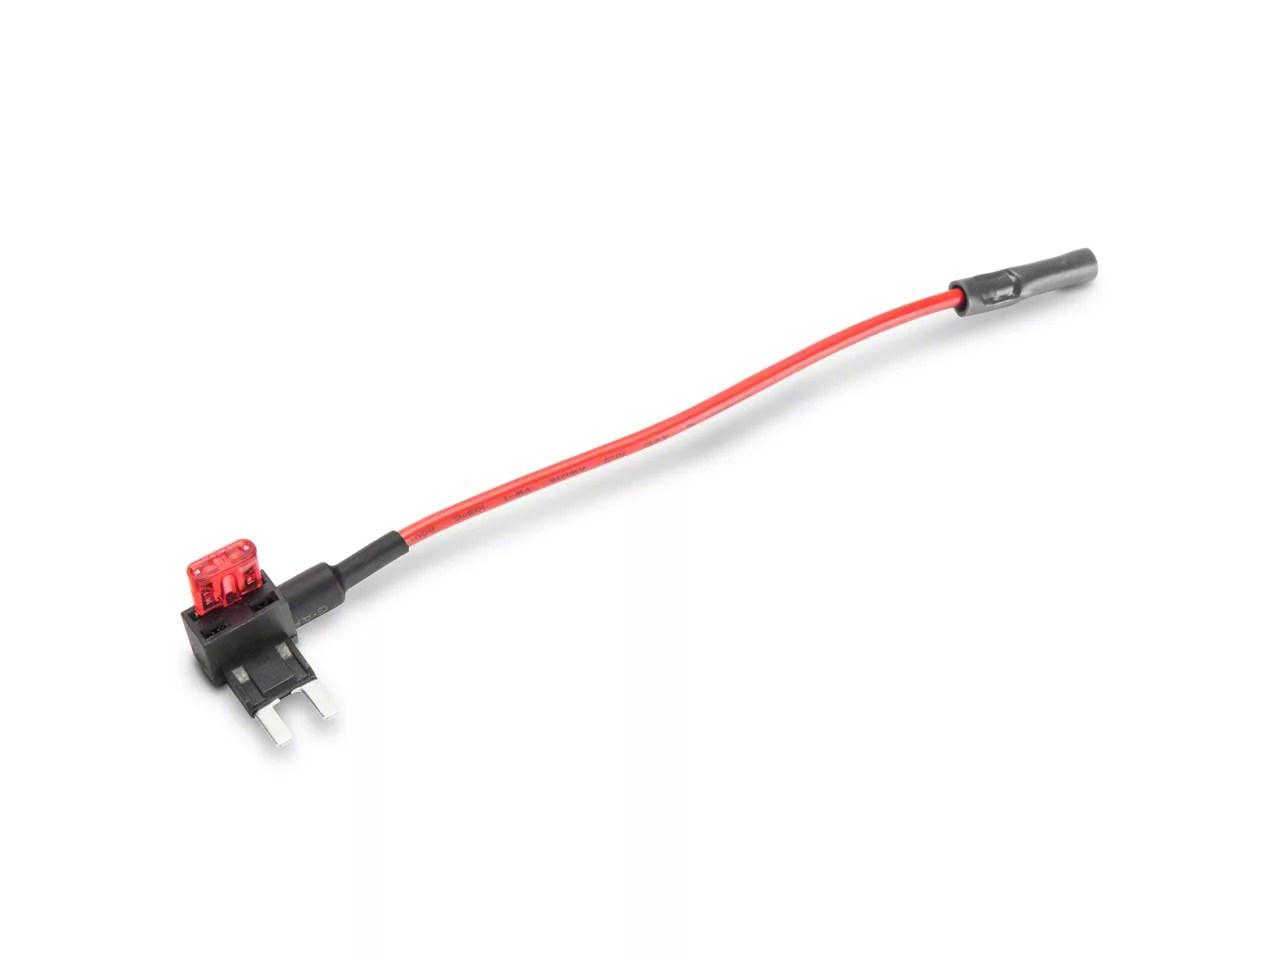 Prosport Silverado Mini Add-A-Circuit w/ 10 Amp Fuse PSFUSE10